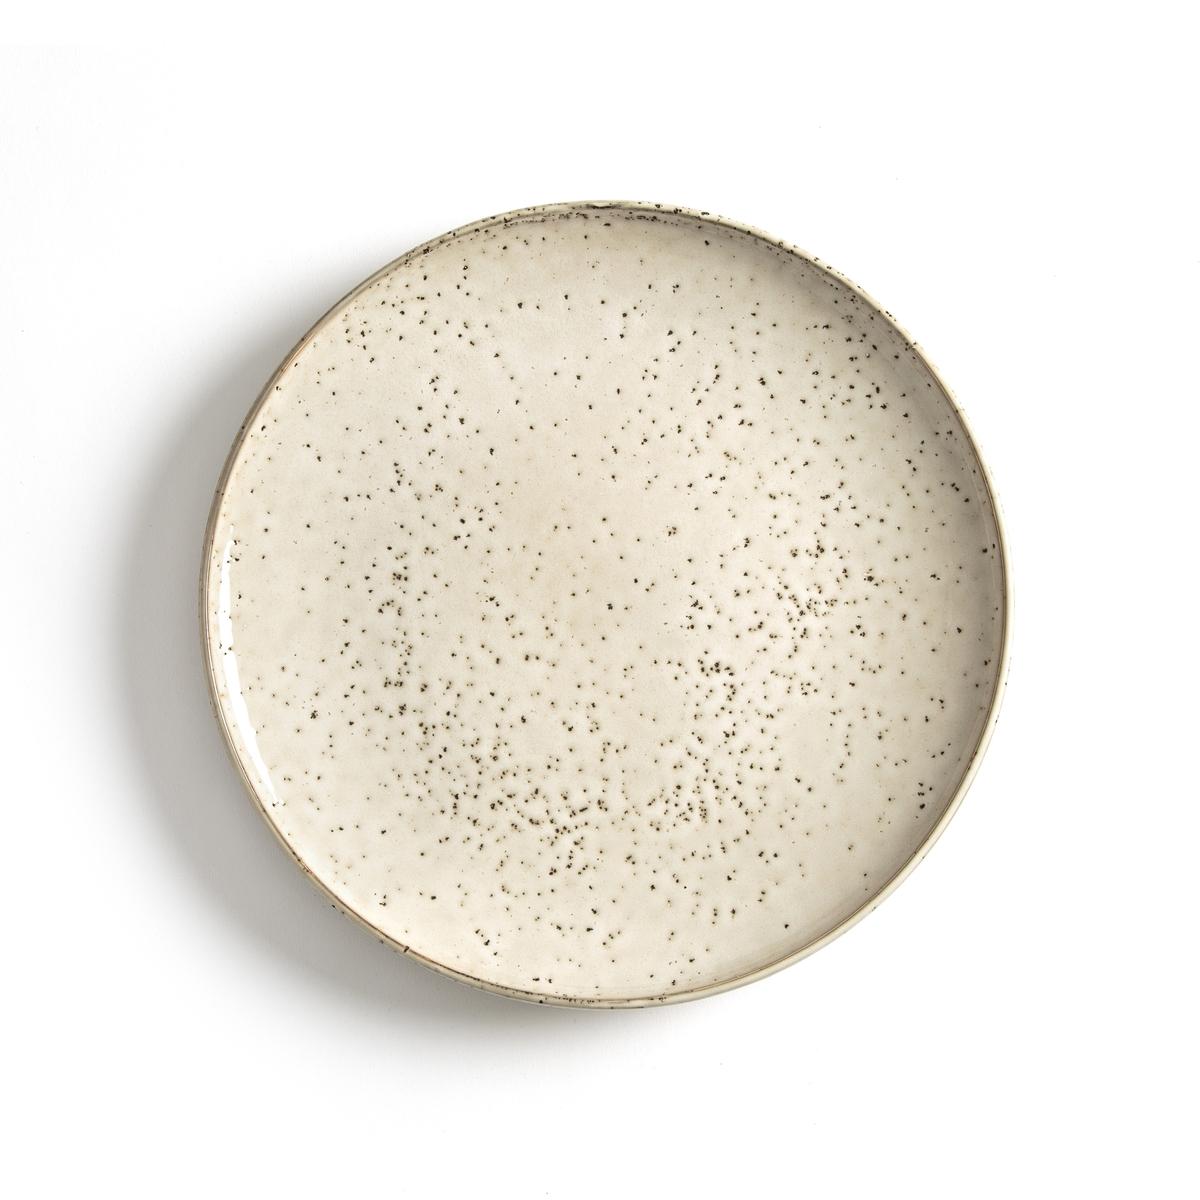 Комплект из 4 мелких тарелок из керамики, Olazhi4 мелкие тарелки Olazhi. Замечательный крапчатый эффект, придающий этим тарелкам ремесленный стиль. Подходят для использования в посудомоечной машине. Размеры : диаметр 27 см.<br><br>Цвет: серо-бежевый